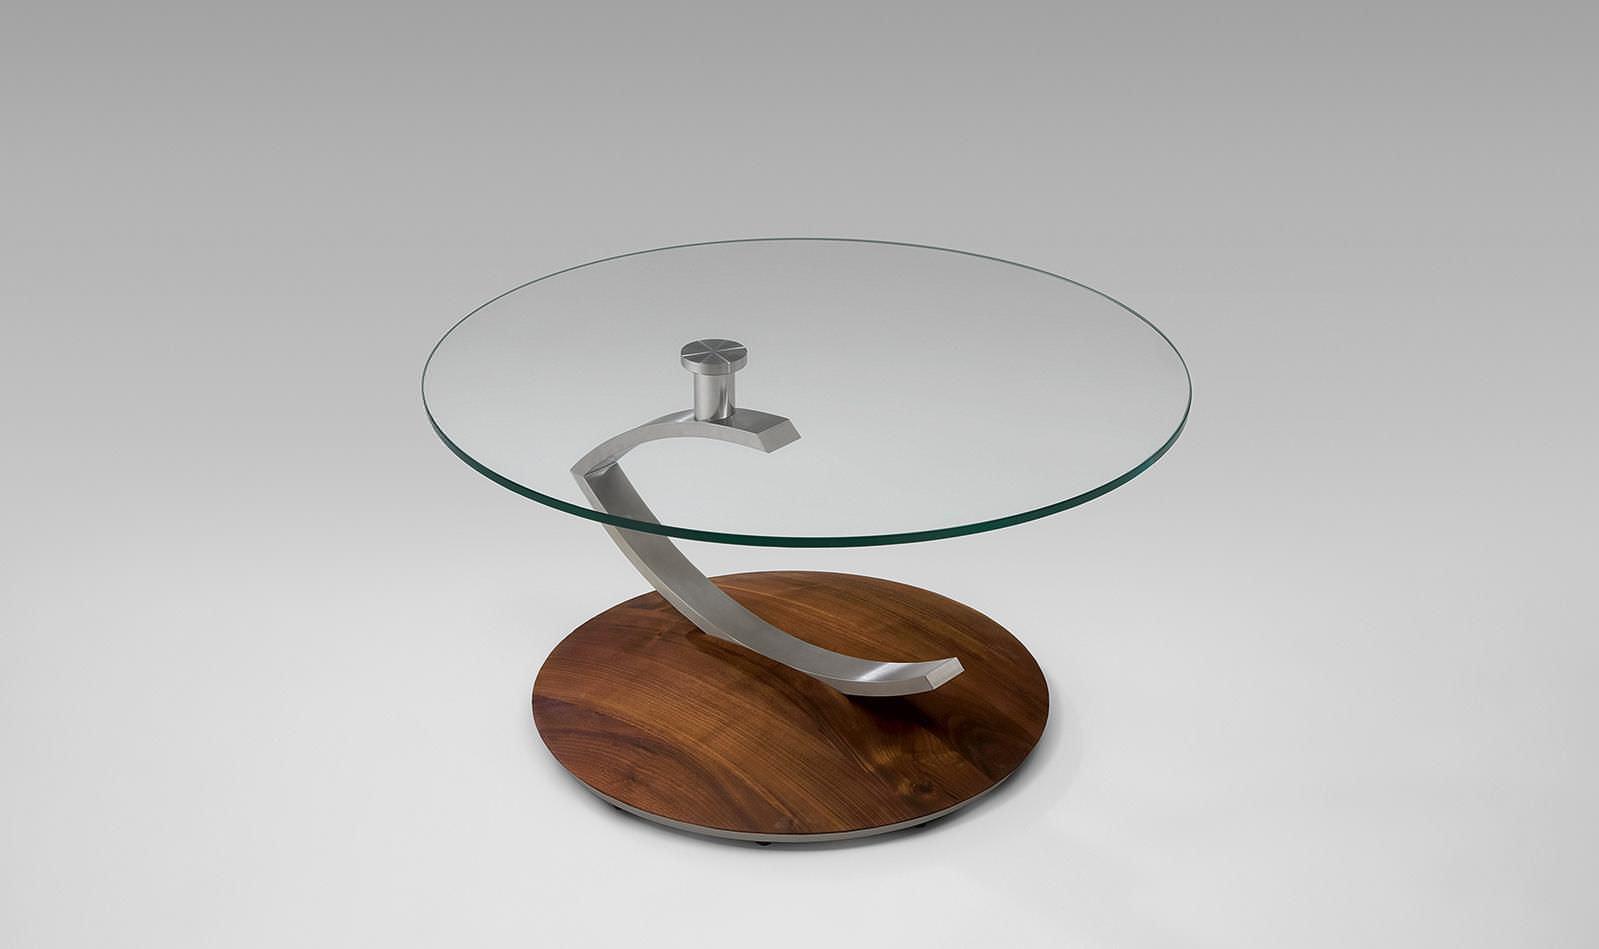 Moderner Couchtisch Glas Massivholz Rund 4019 Alfons